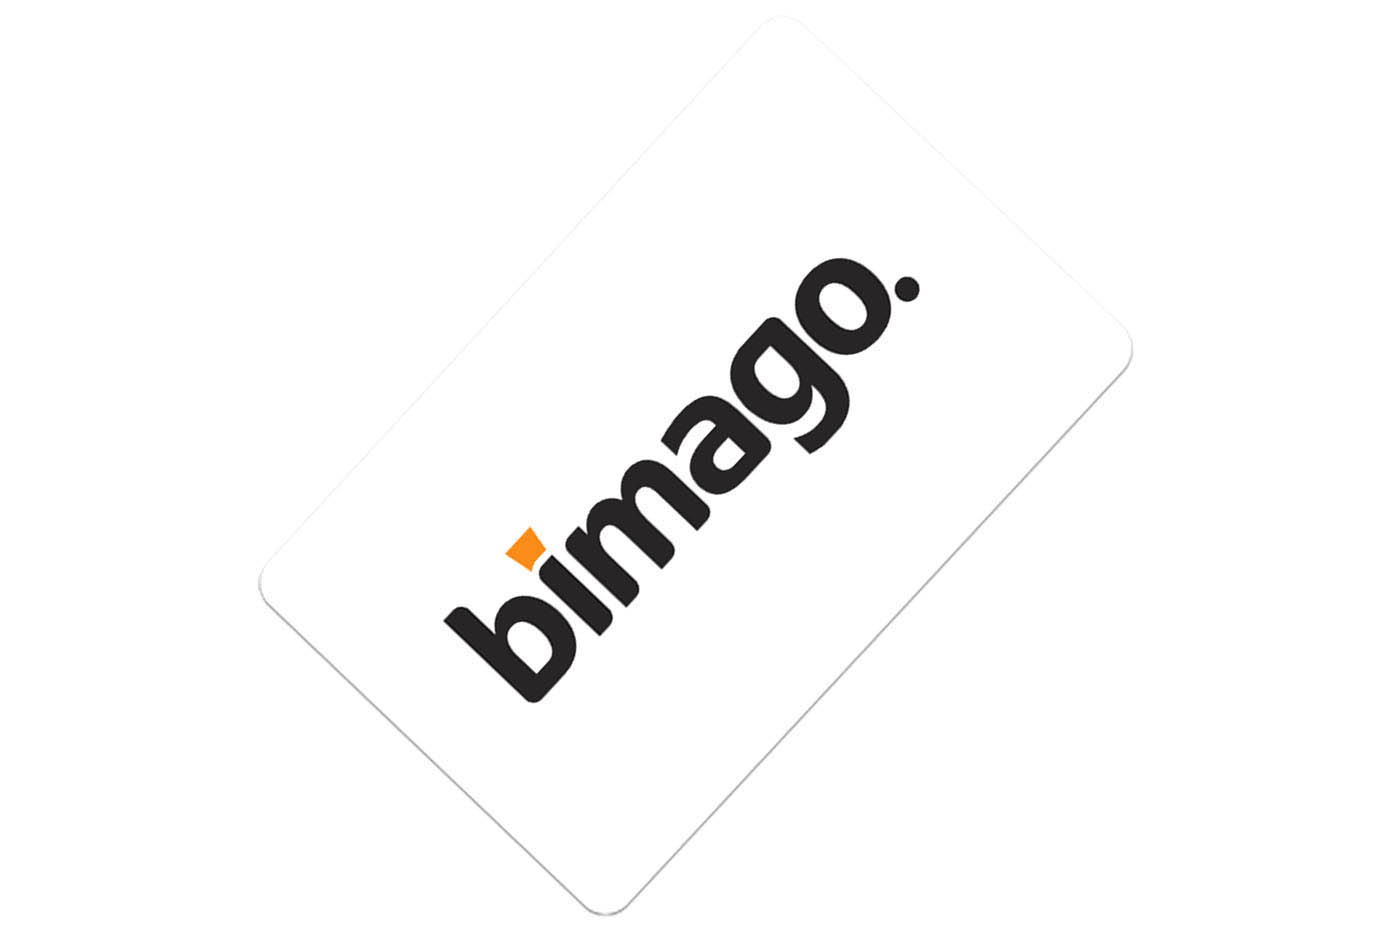 Tarjeta regalo Bimago